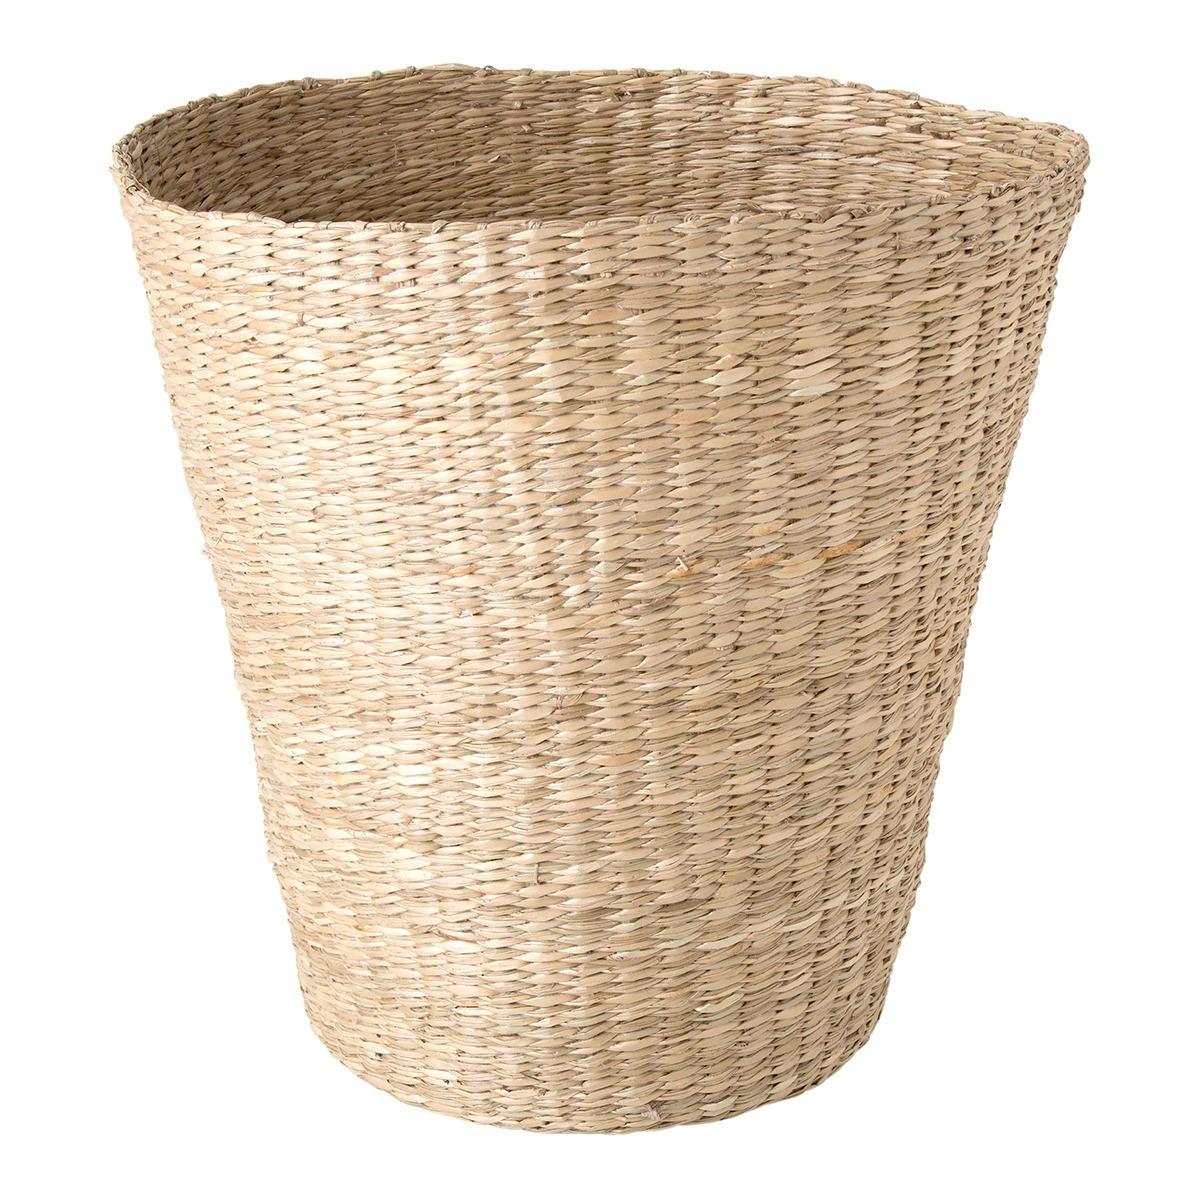 Macetero Seagrass fibra delgada Otranto El Corte Inglés